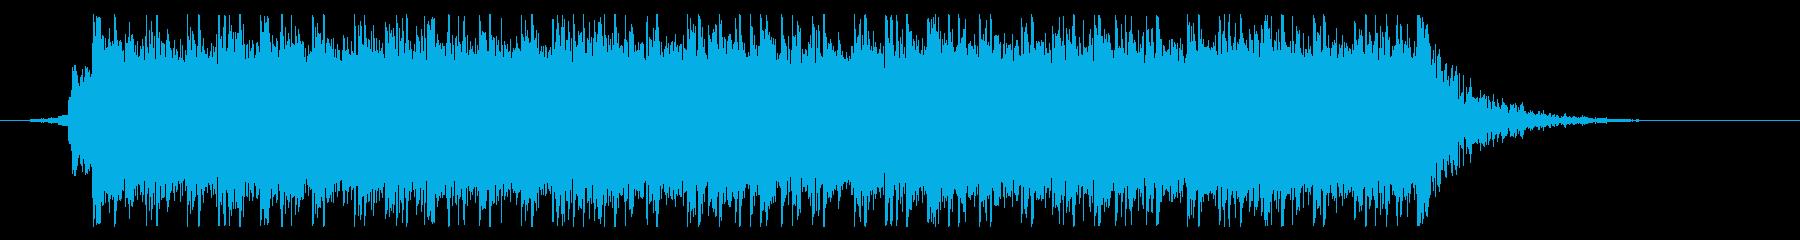 疾走感溢れるギターインスト_ジングルの再生済みの波形